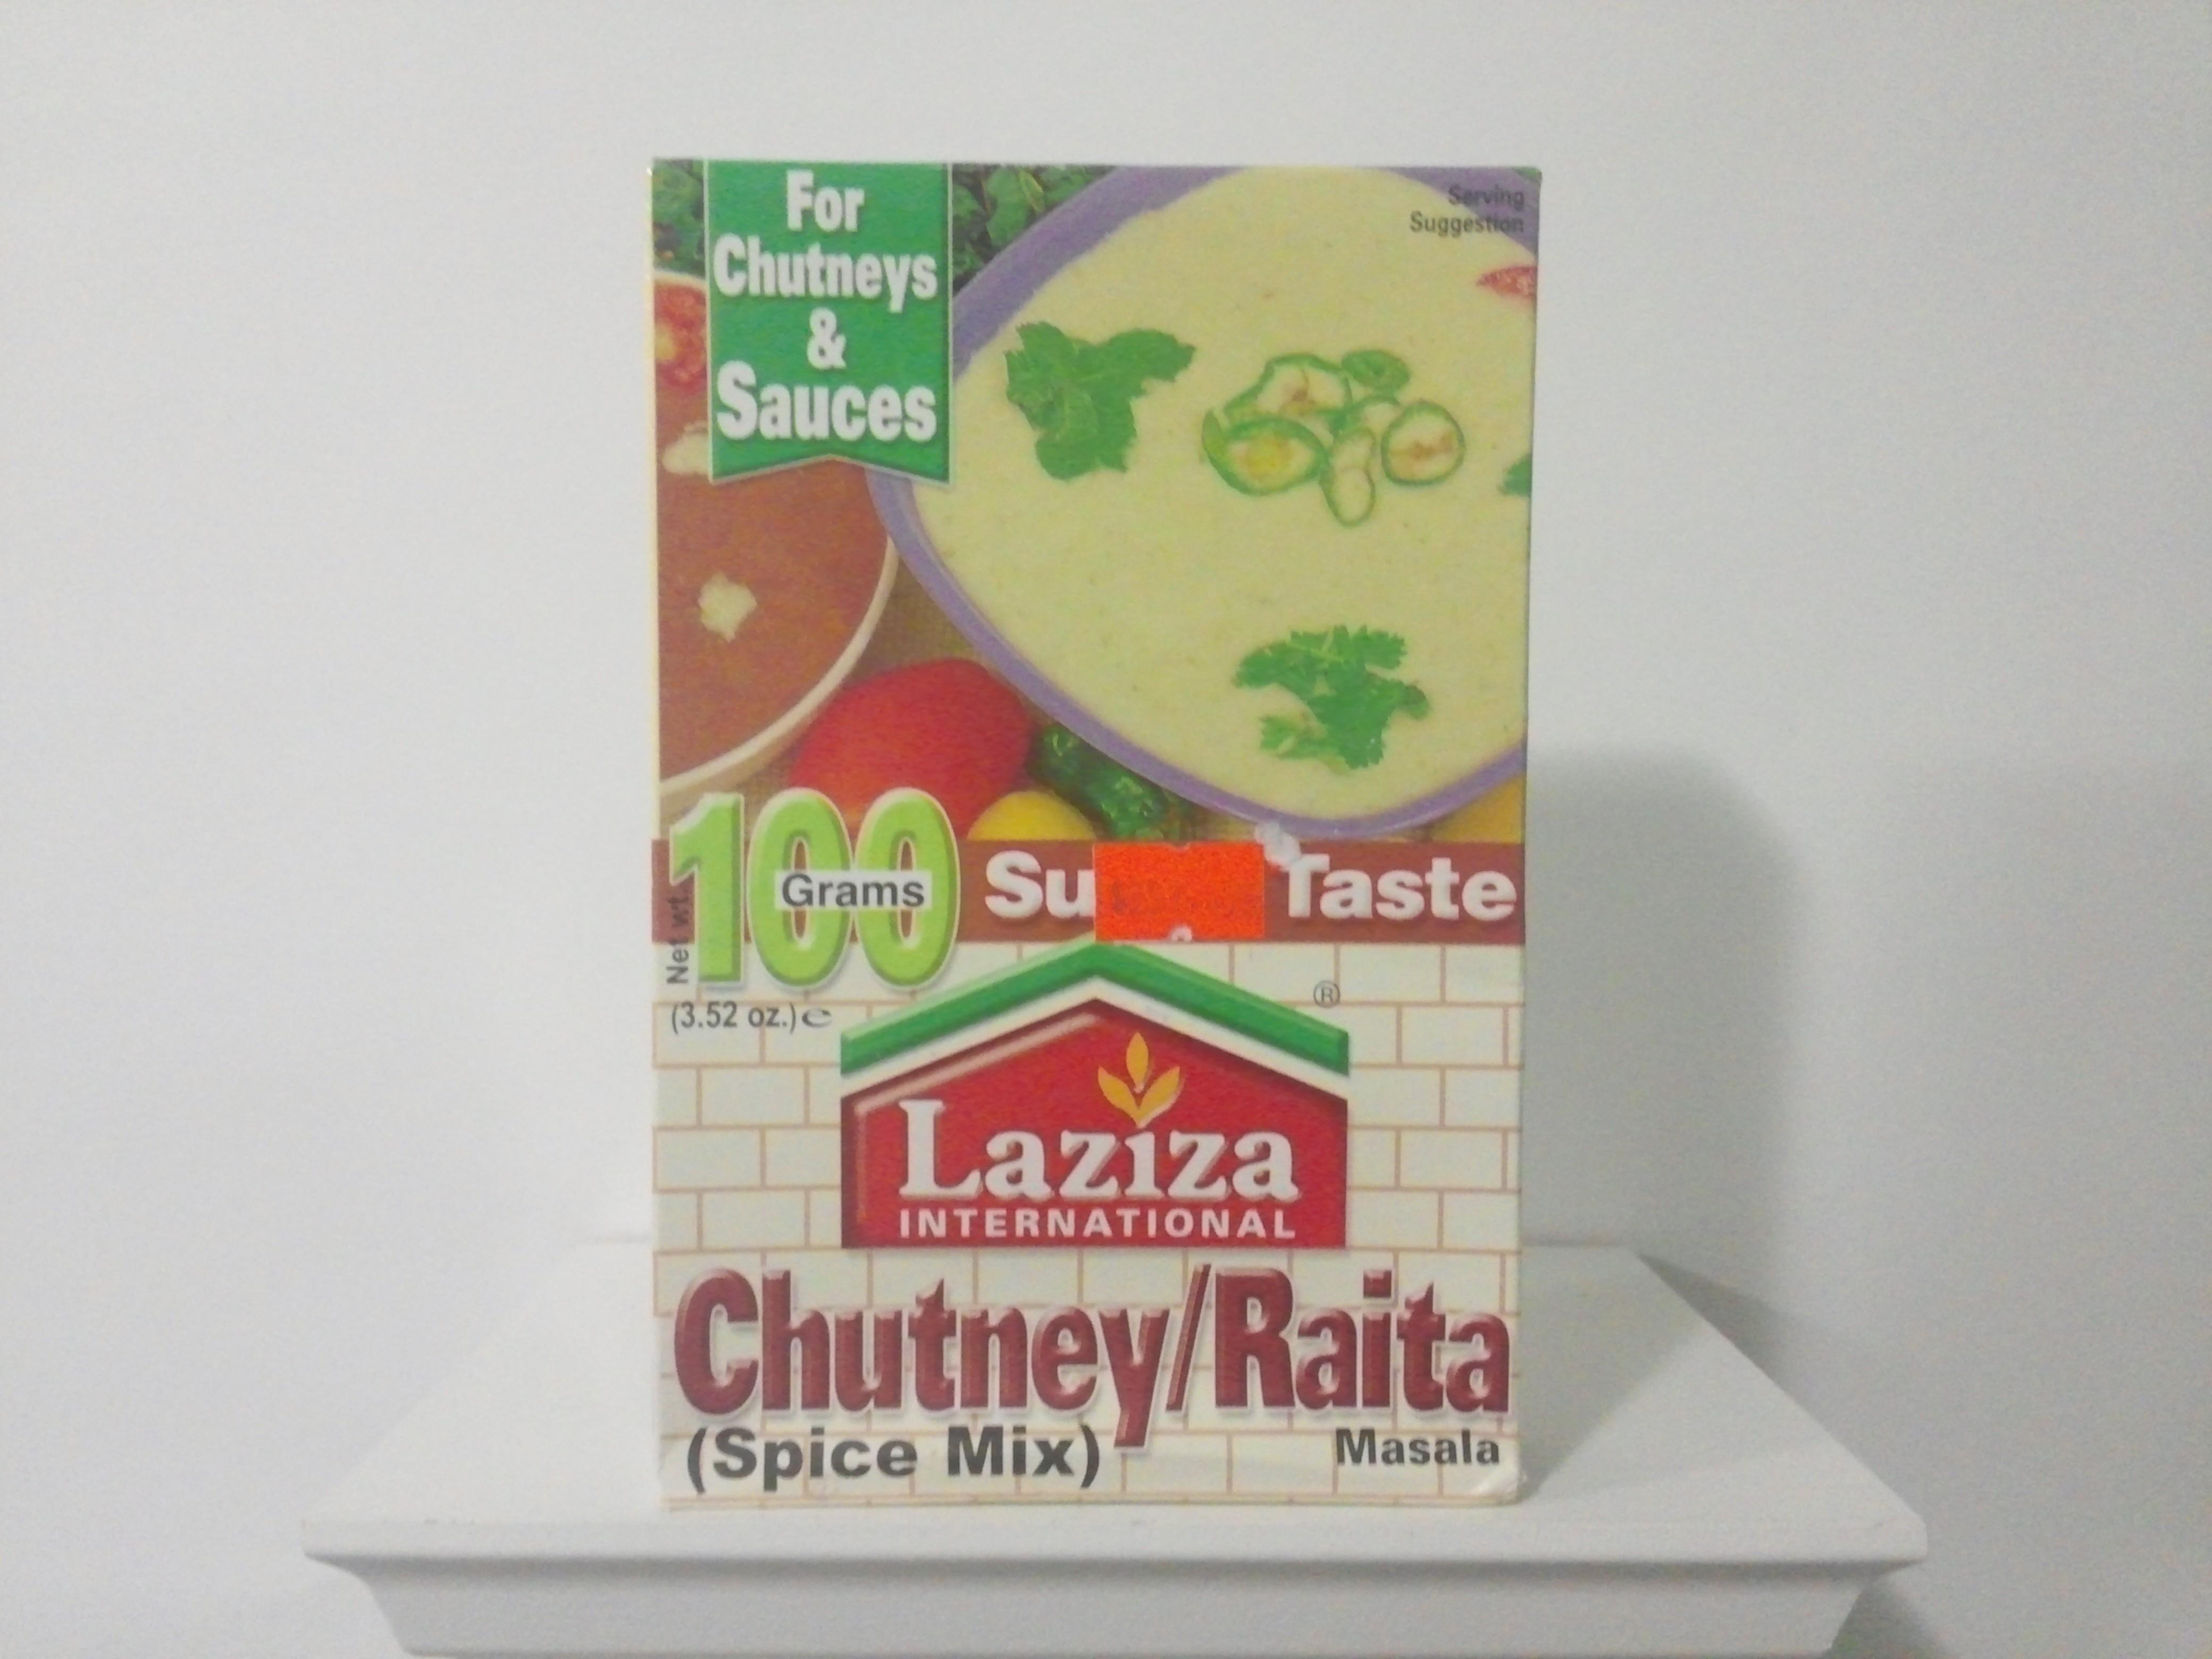 Laziza Chutney/Raita Spice Mix 100 grm